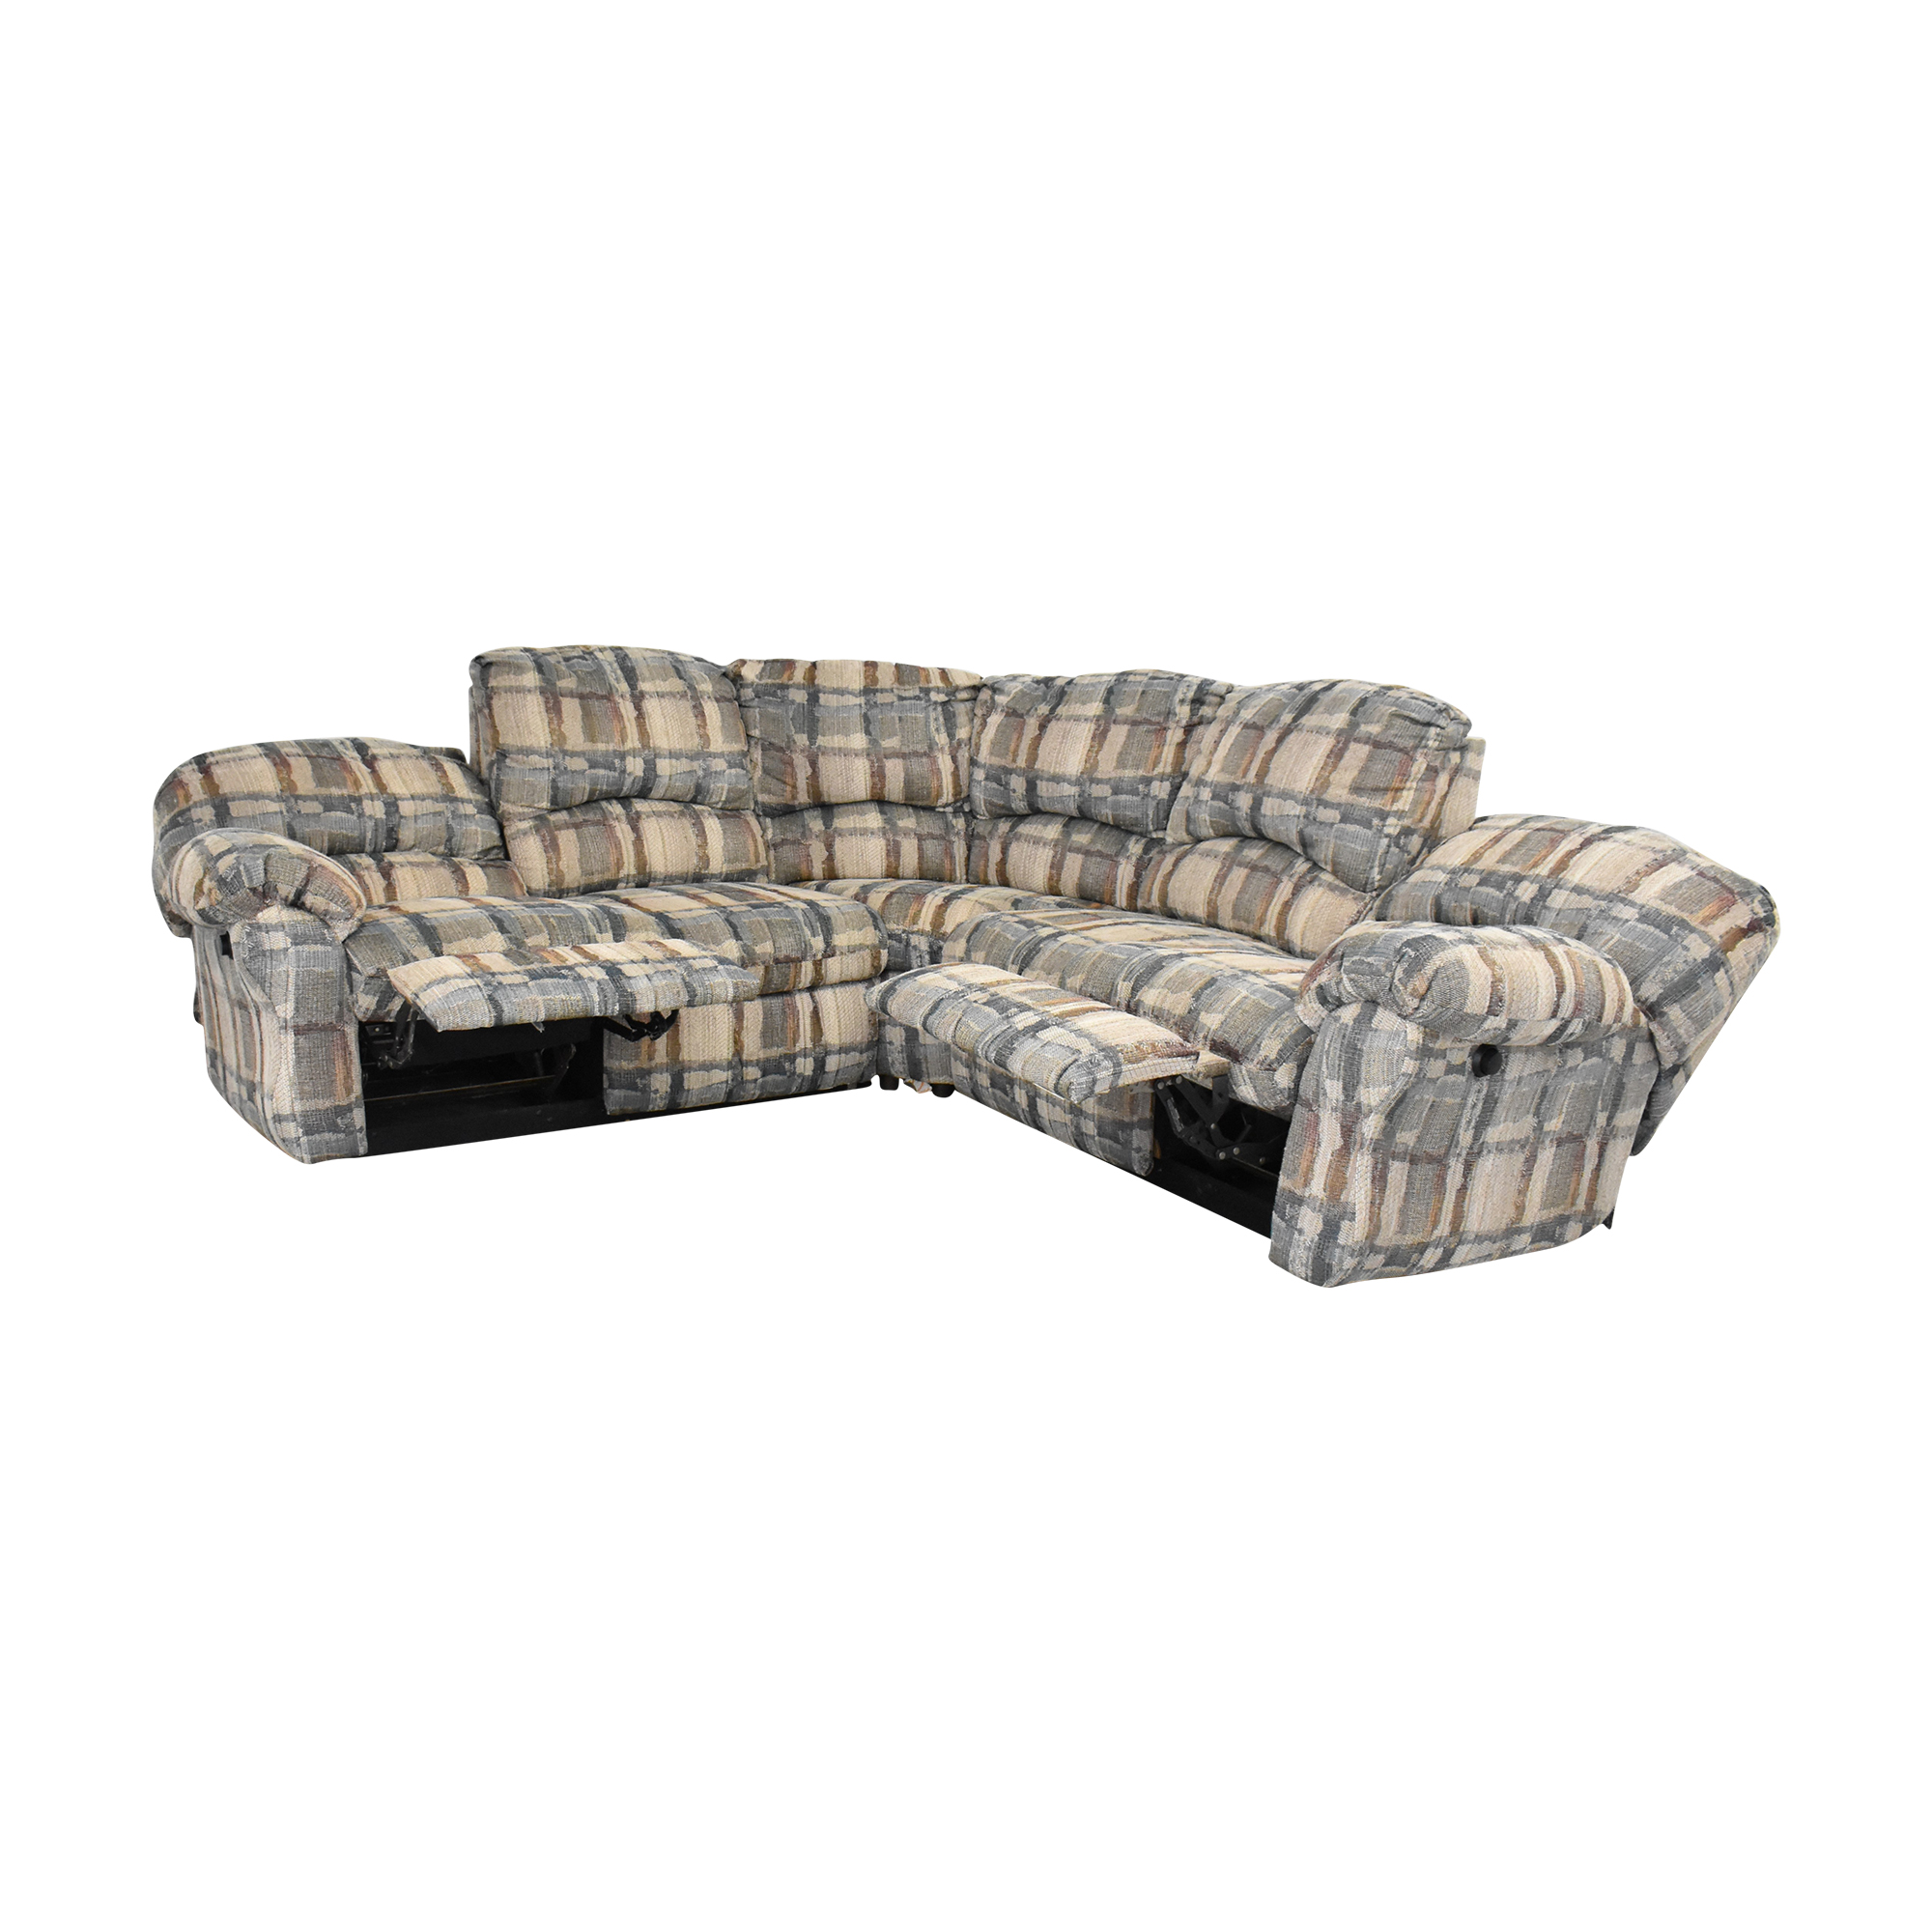 Berkline Berkline Crescent Sectional Sofa with Recliners price